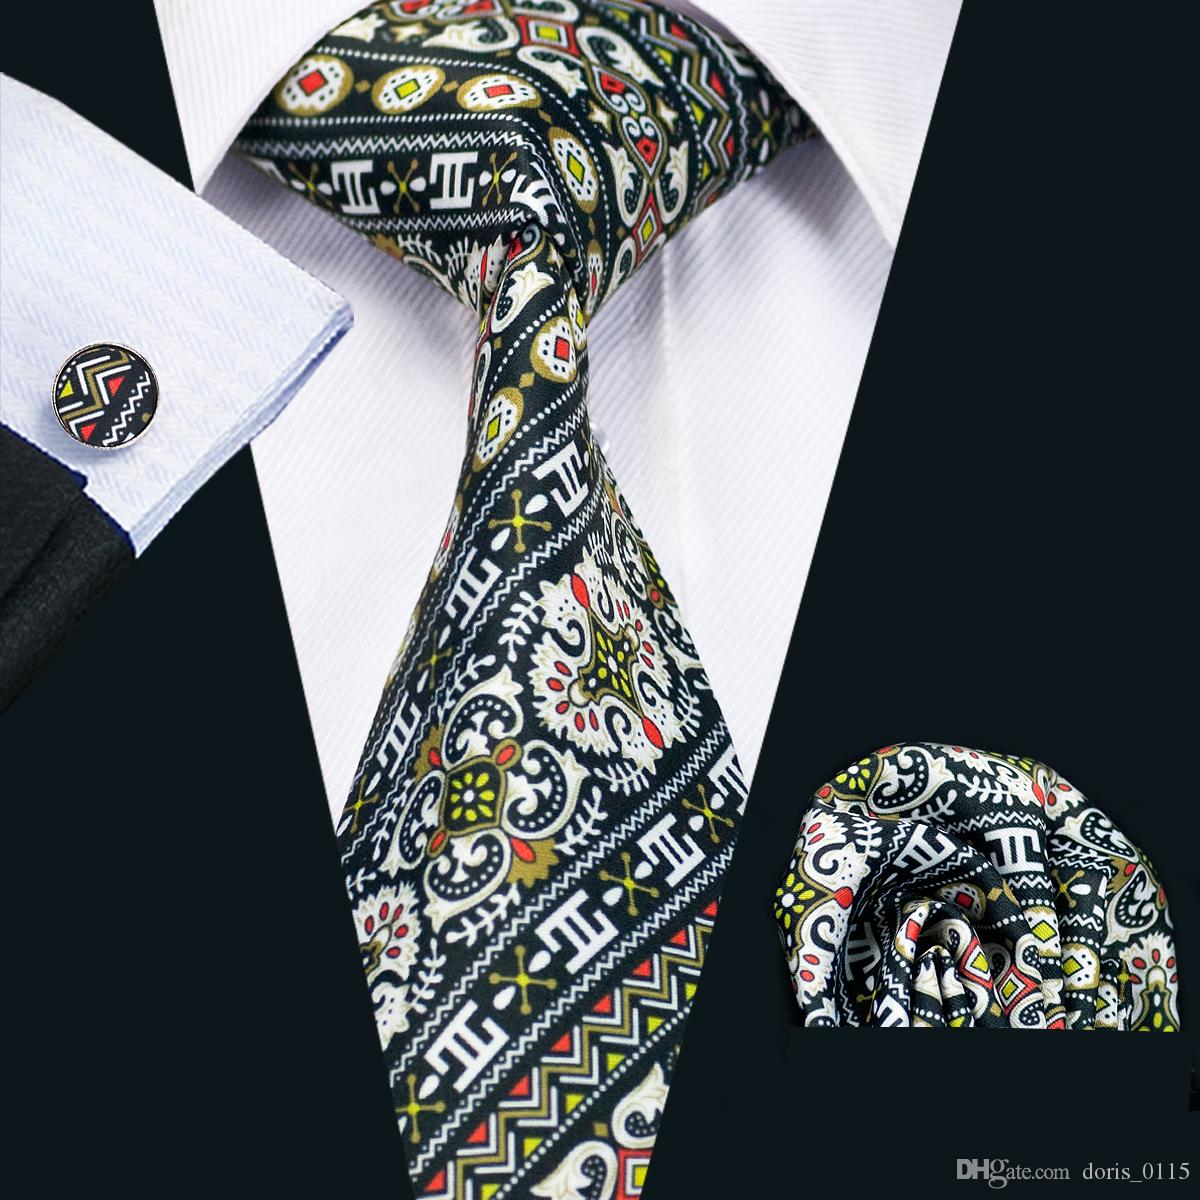 Moda Mens Yenilik Bağları Siyah Beyaz Mix Renk Çiçek Baskılı Iş Düğün Kravat Set Dahil Kravat Kol Düğmeleri Hankerchief N-1228